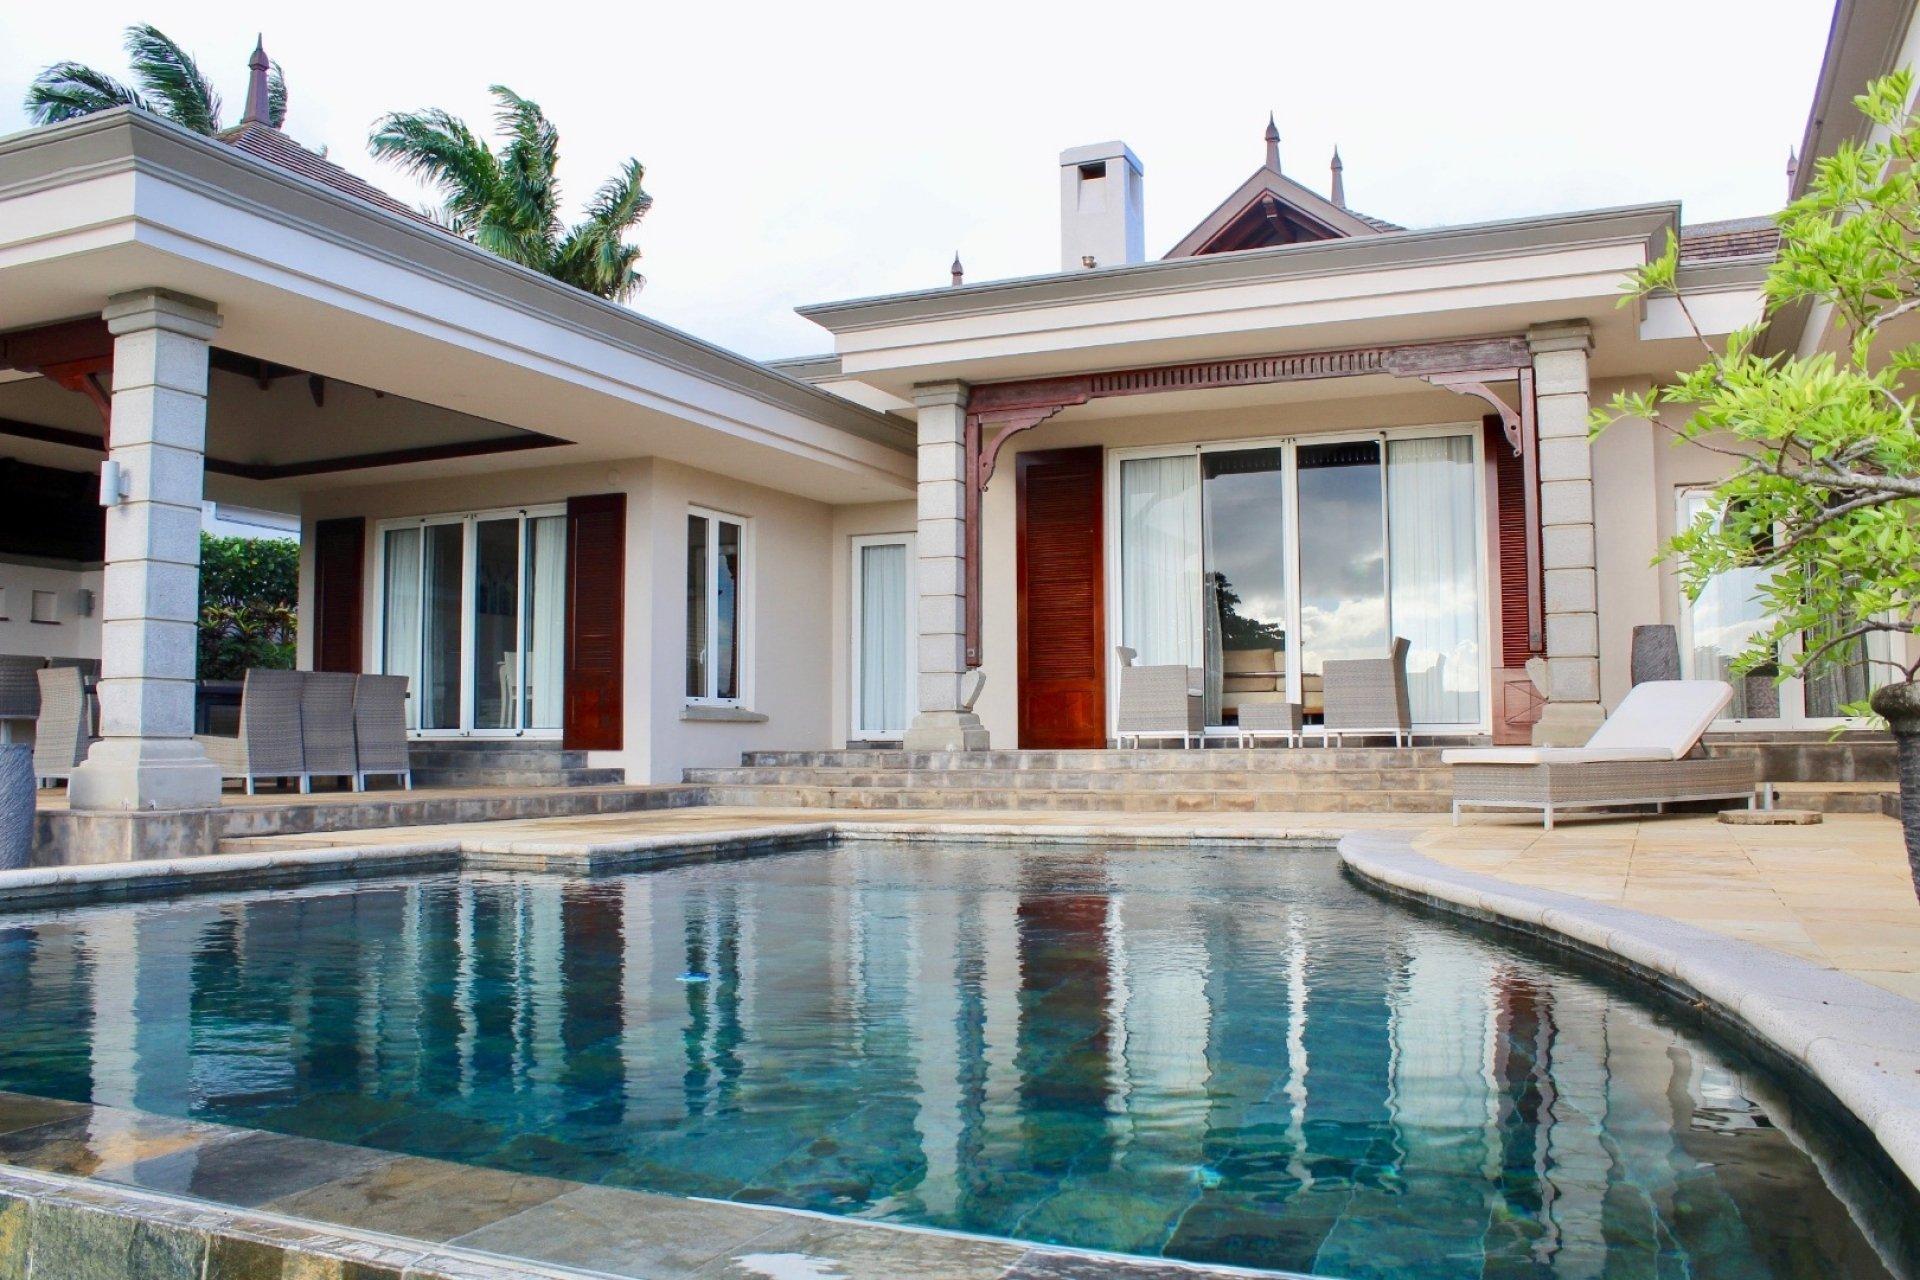 Casa en Bel Ombre, Distrito de Savanne, Mauricio 1 - 11360447